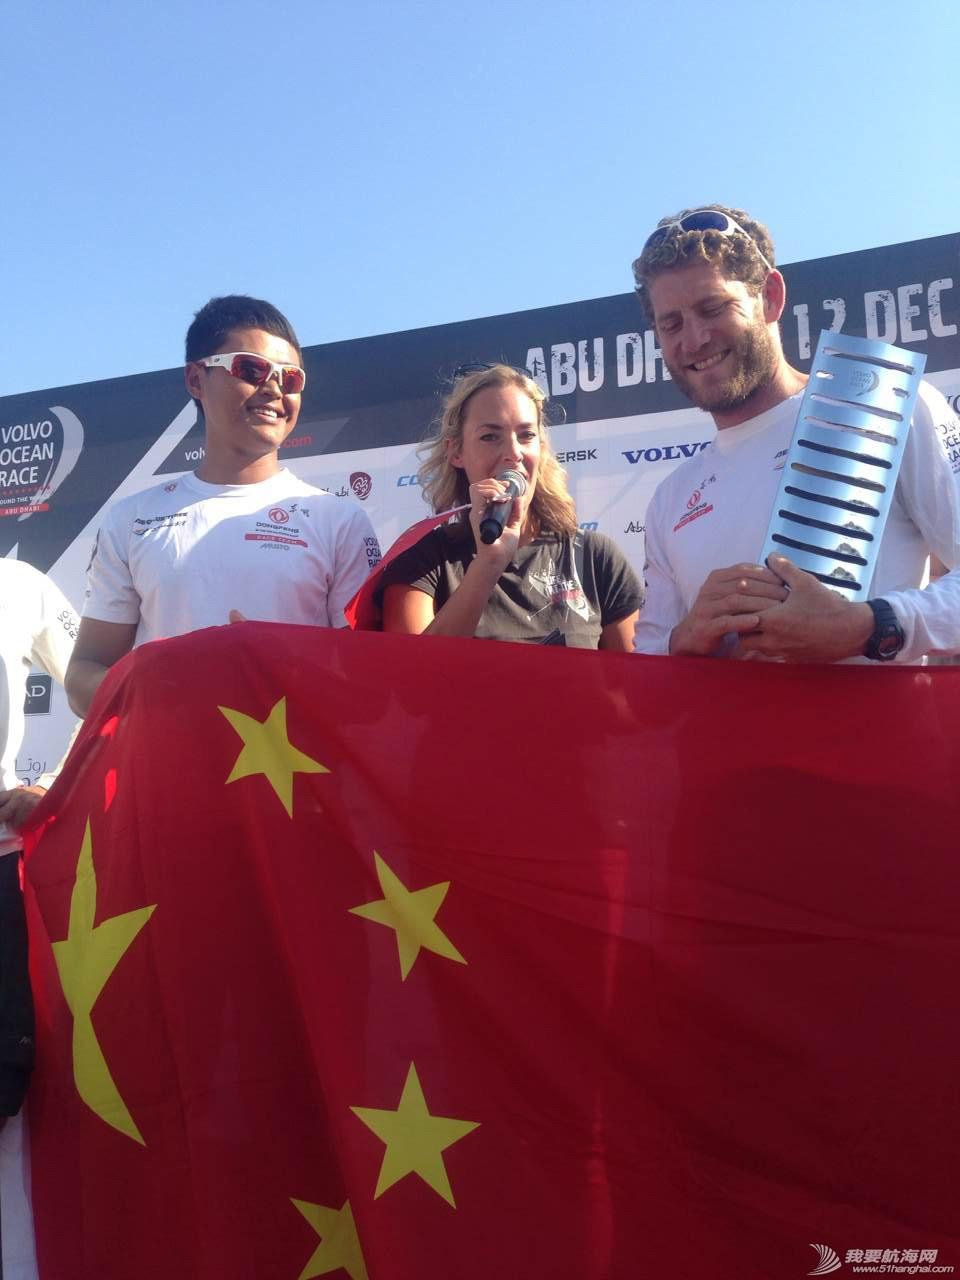 积分榜,北京时间,沃尔沃,阿布扎比,比赛结果 第二赛段东风队十几分钟之差屈居第二,布鲁内尔队获第一 沃尔沃环球帆船赛前线报道 8.pic_hd.jpg